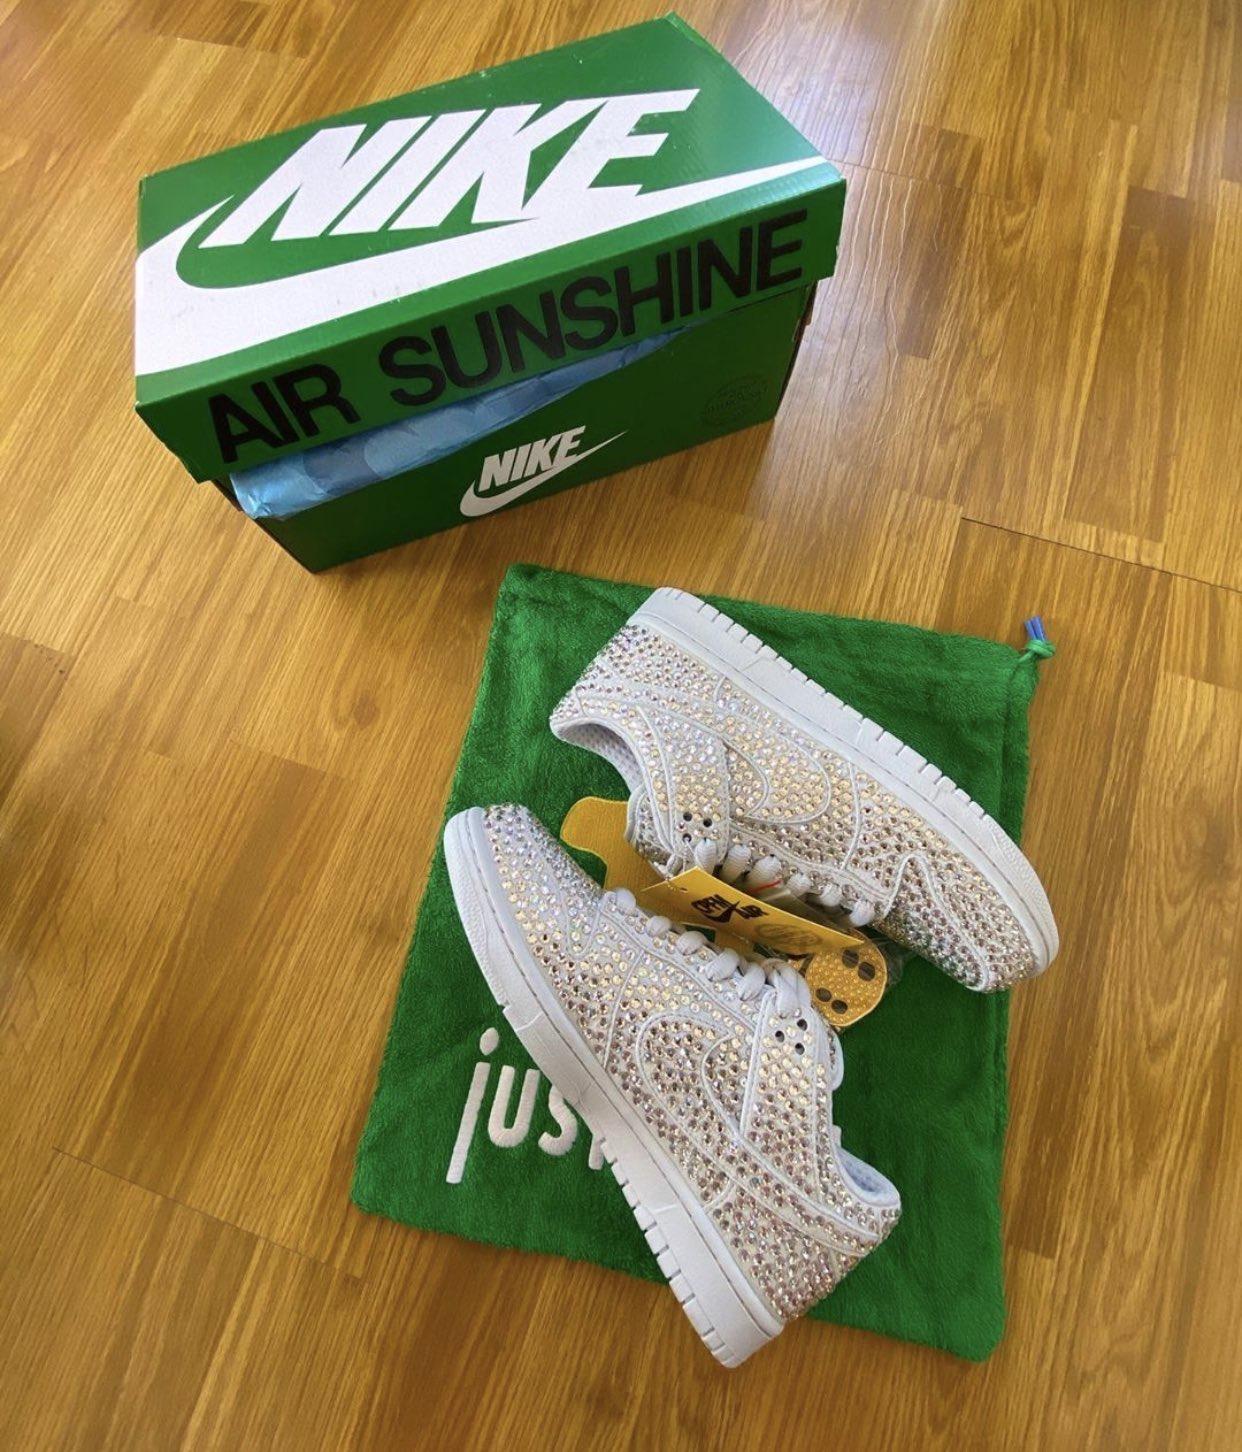 カクタス プラント フリー マーケット ナイキ コラボ ダンク ロー Cactus Plant Flea Market CPFM Nike Dunk Low leak pair box